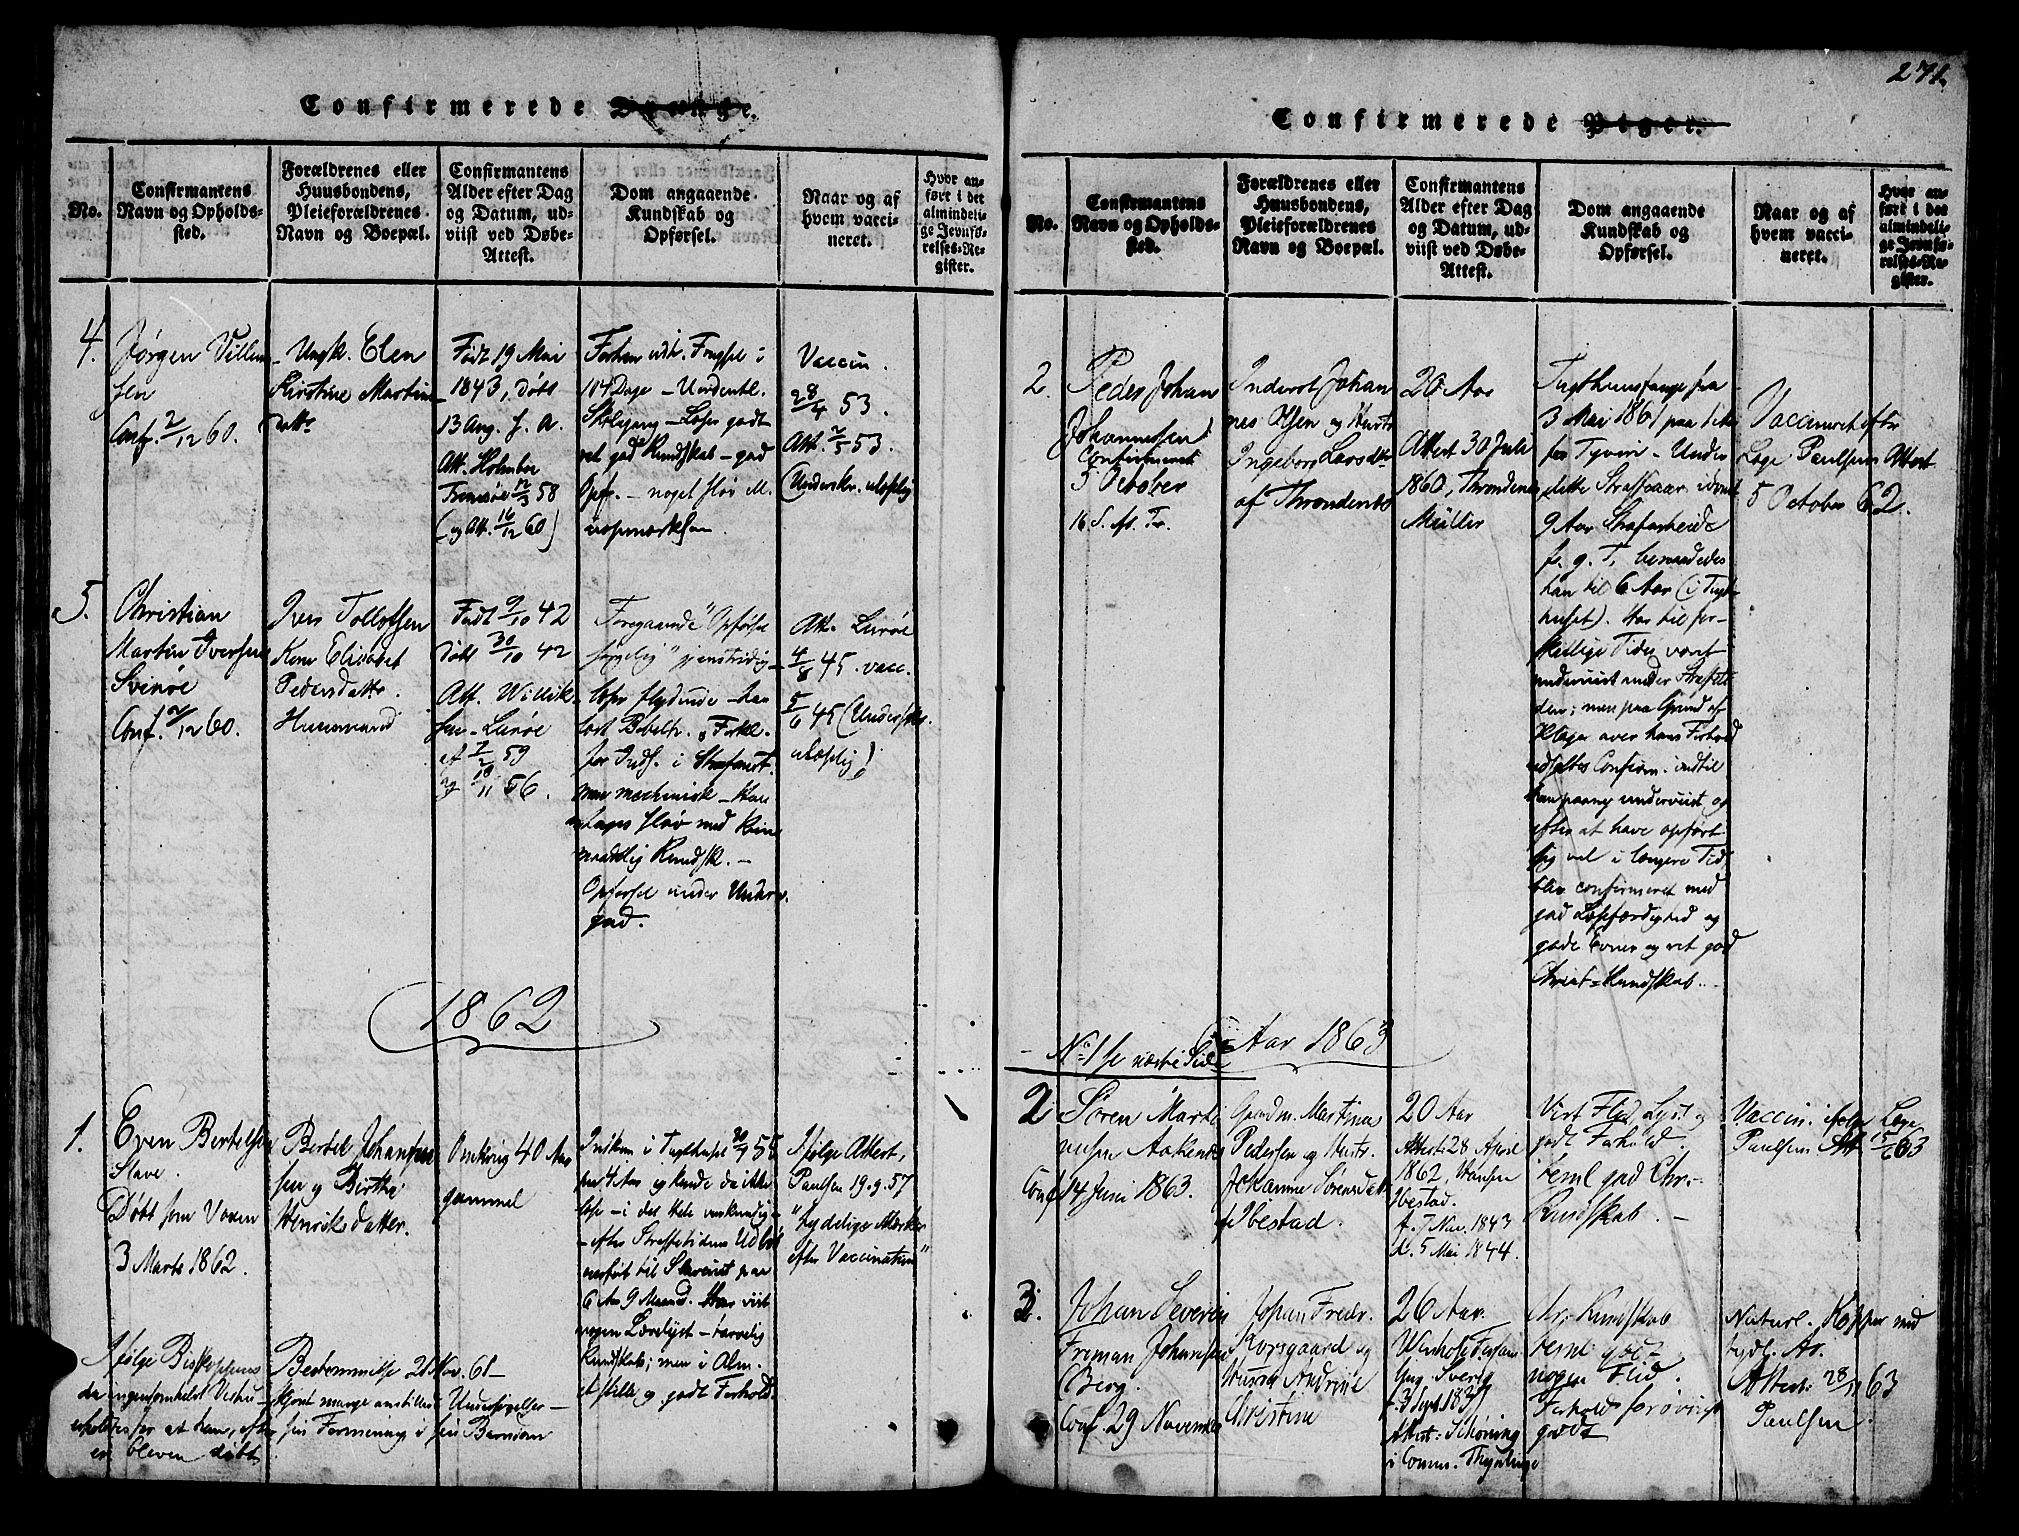 SAT, Ministerialprotokoller, klokkerbøker og fødselsregistre - Sør-Trøndelag, 623/L0478: Klokkerbok nr. 623C01, 1815-1873, s. 271